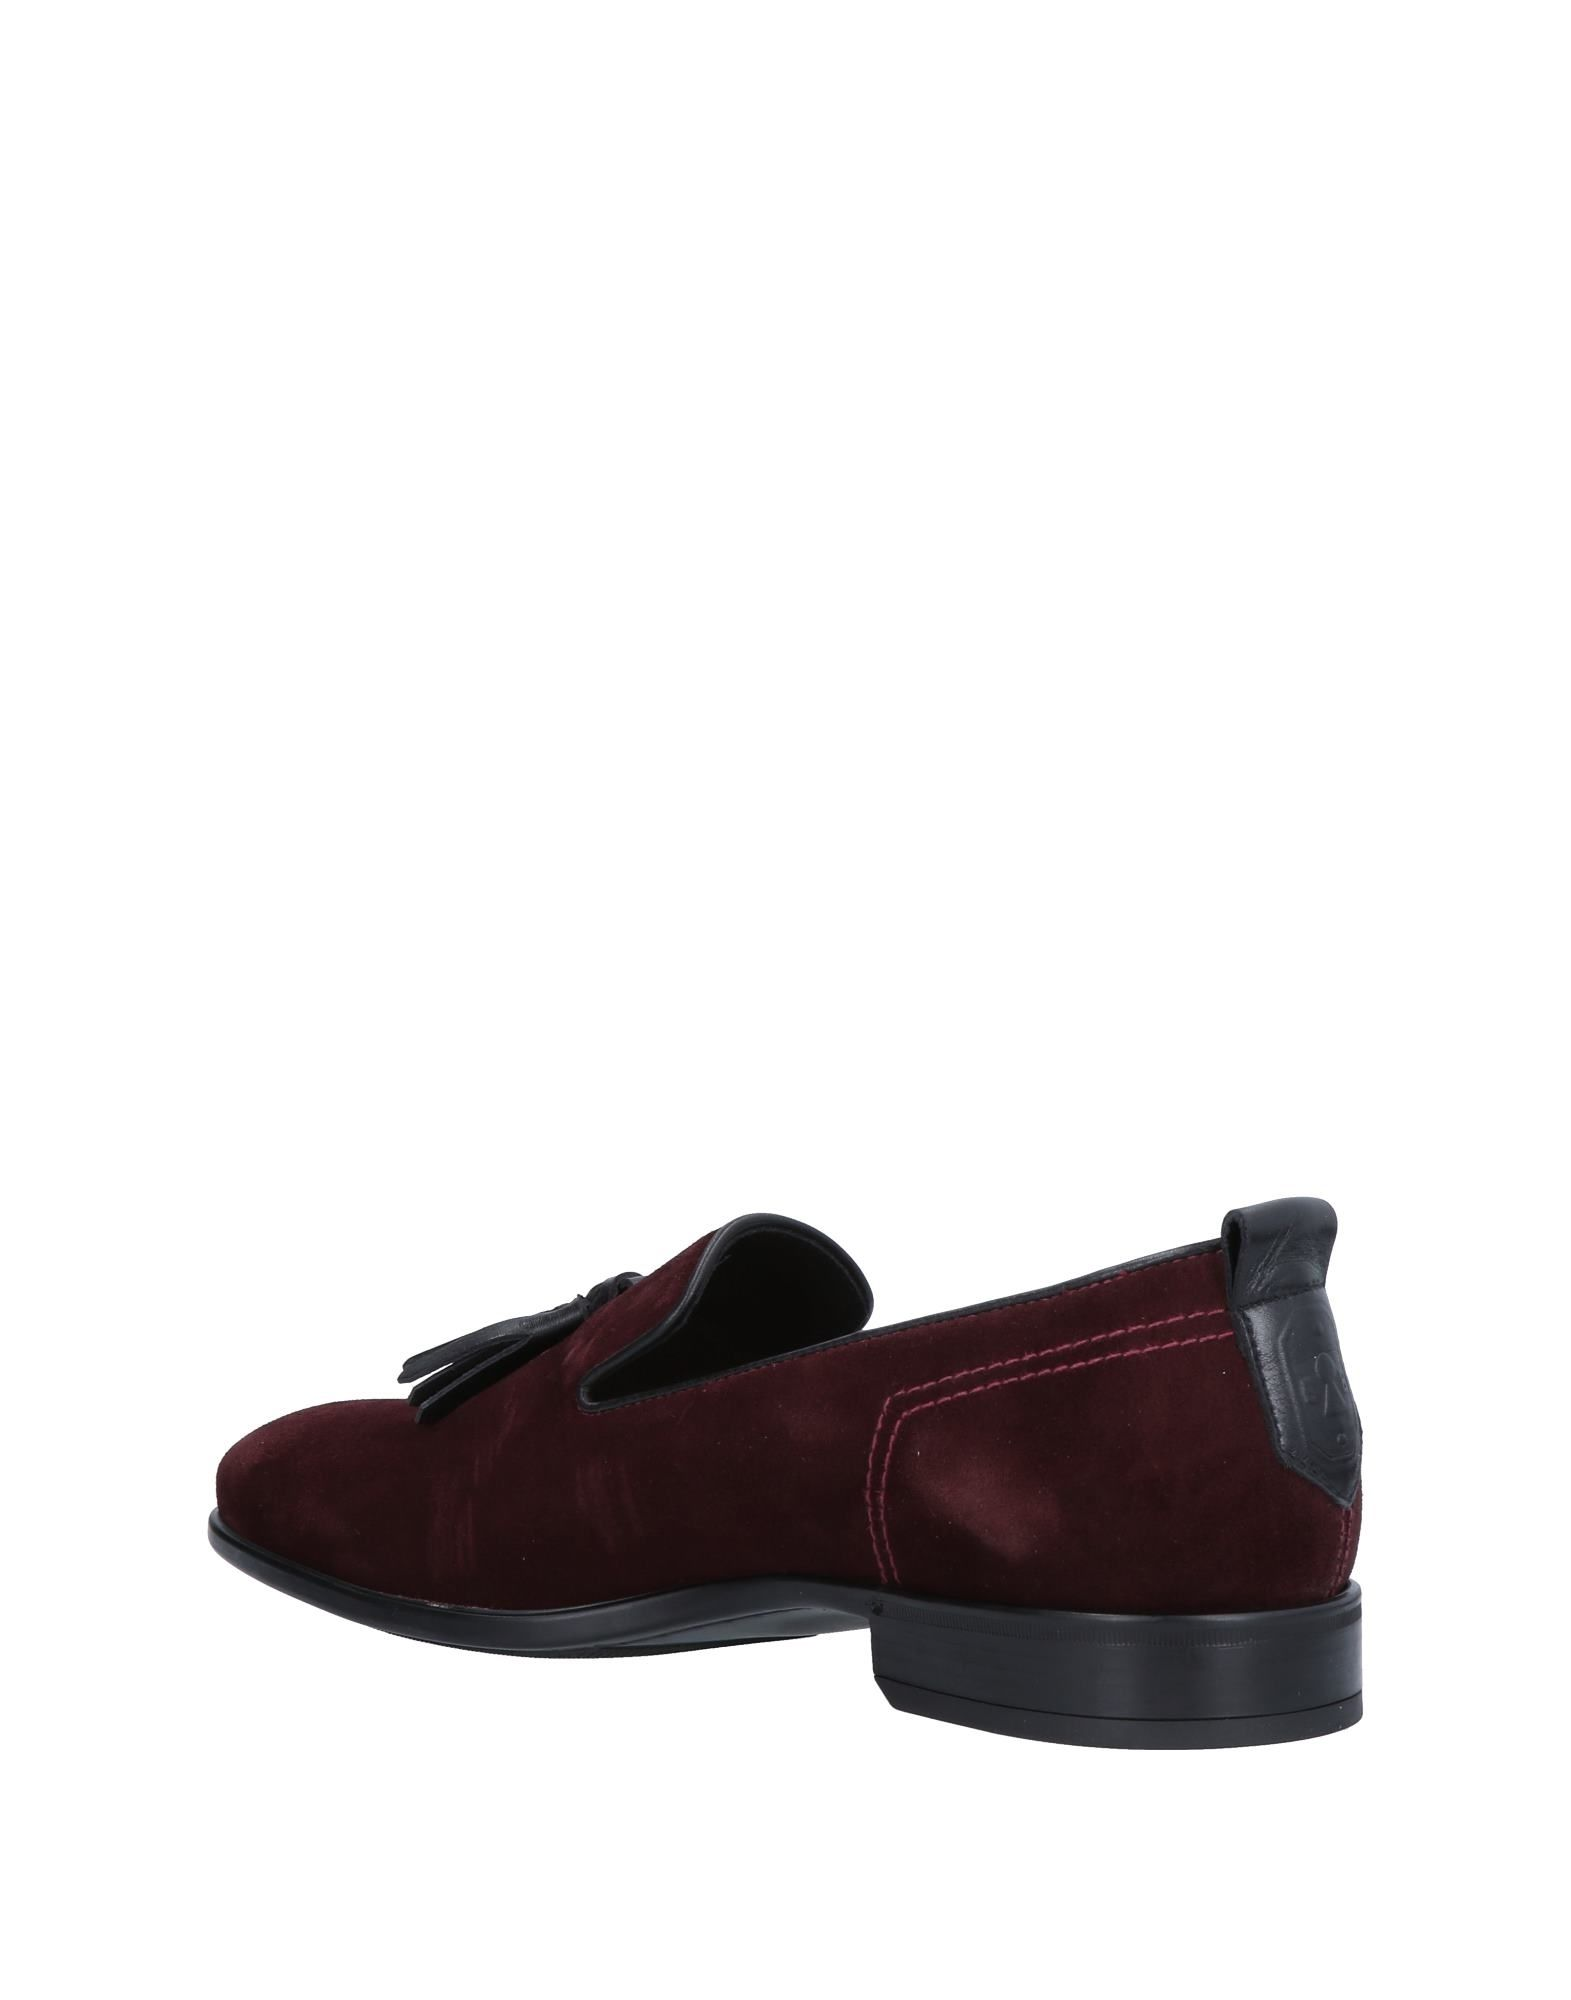 Bruno Bordese Mokassins Herren  11522958ST Gute Qualität beliebte Schuhe